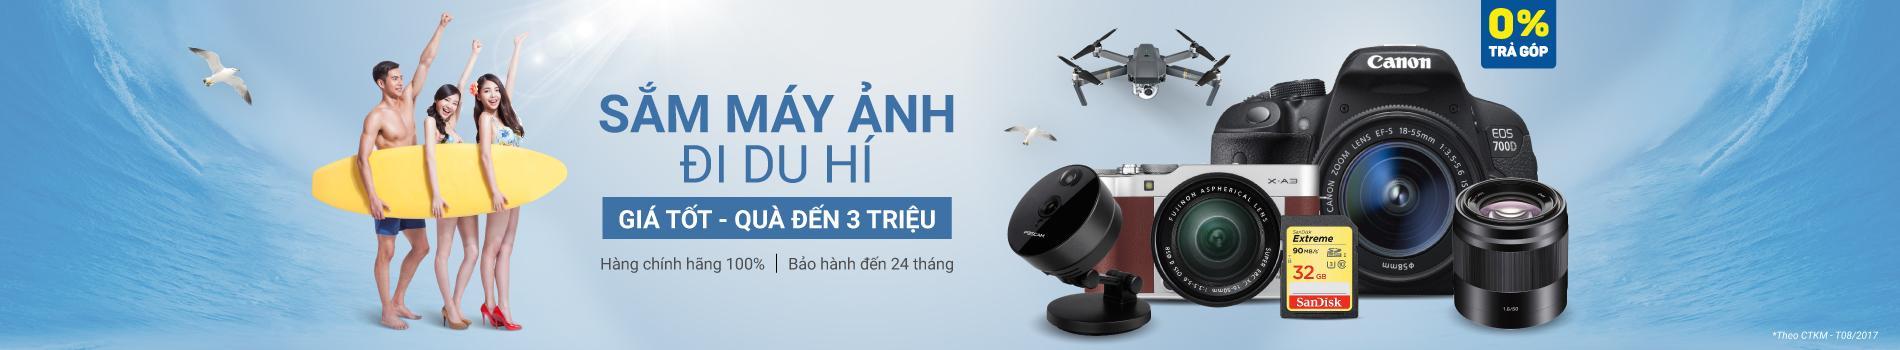 www.123raovat.com: Sắm Máy Ảnh Đi Du Hí nhận quà tặng hấp dẫn lên đến 3triệu